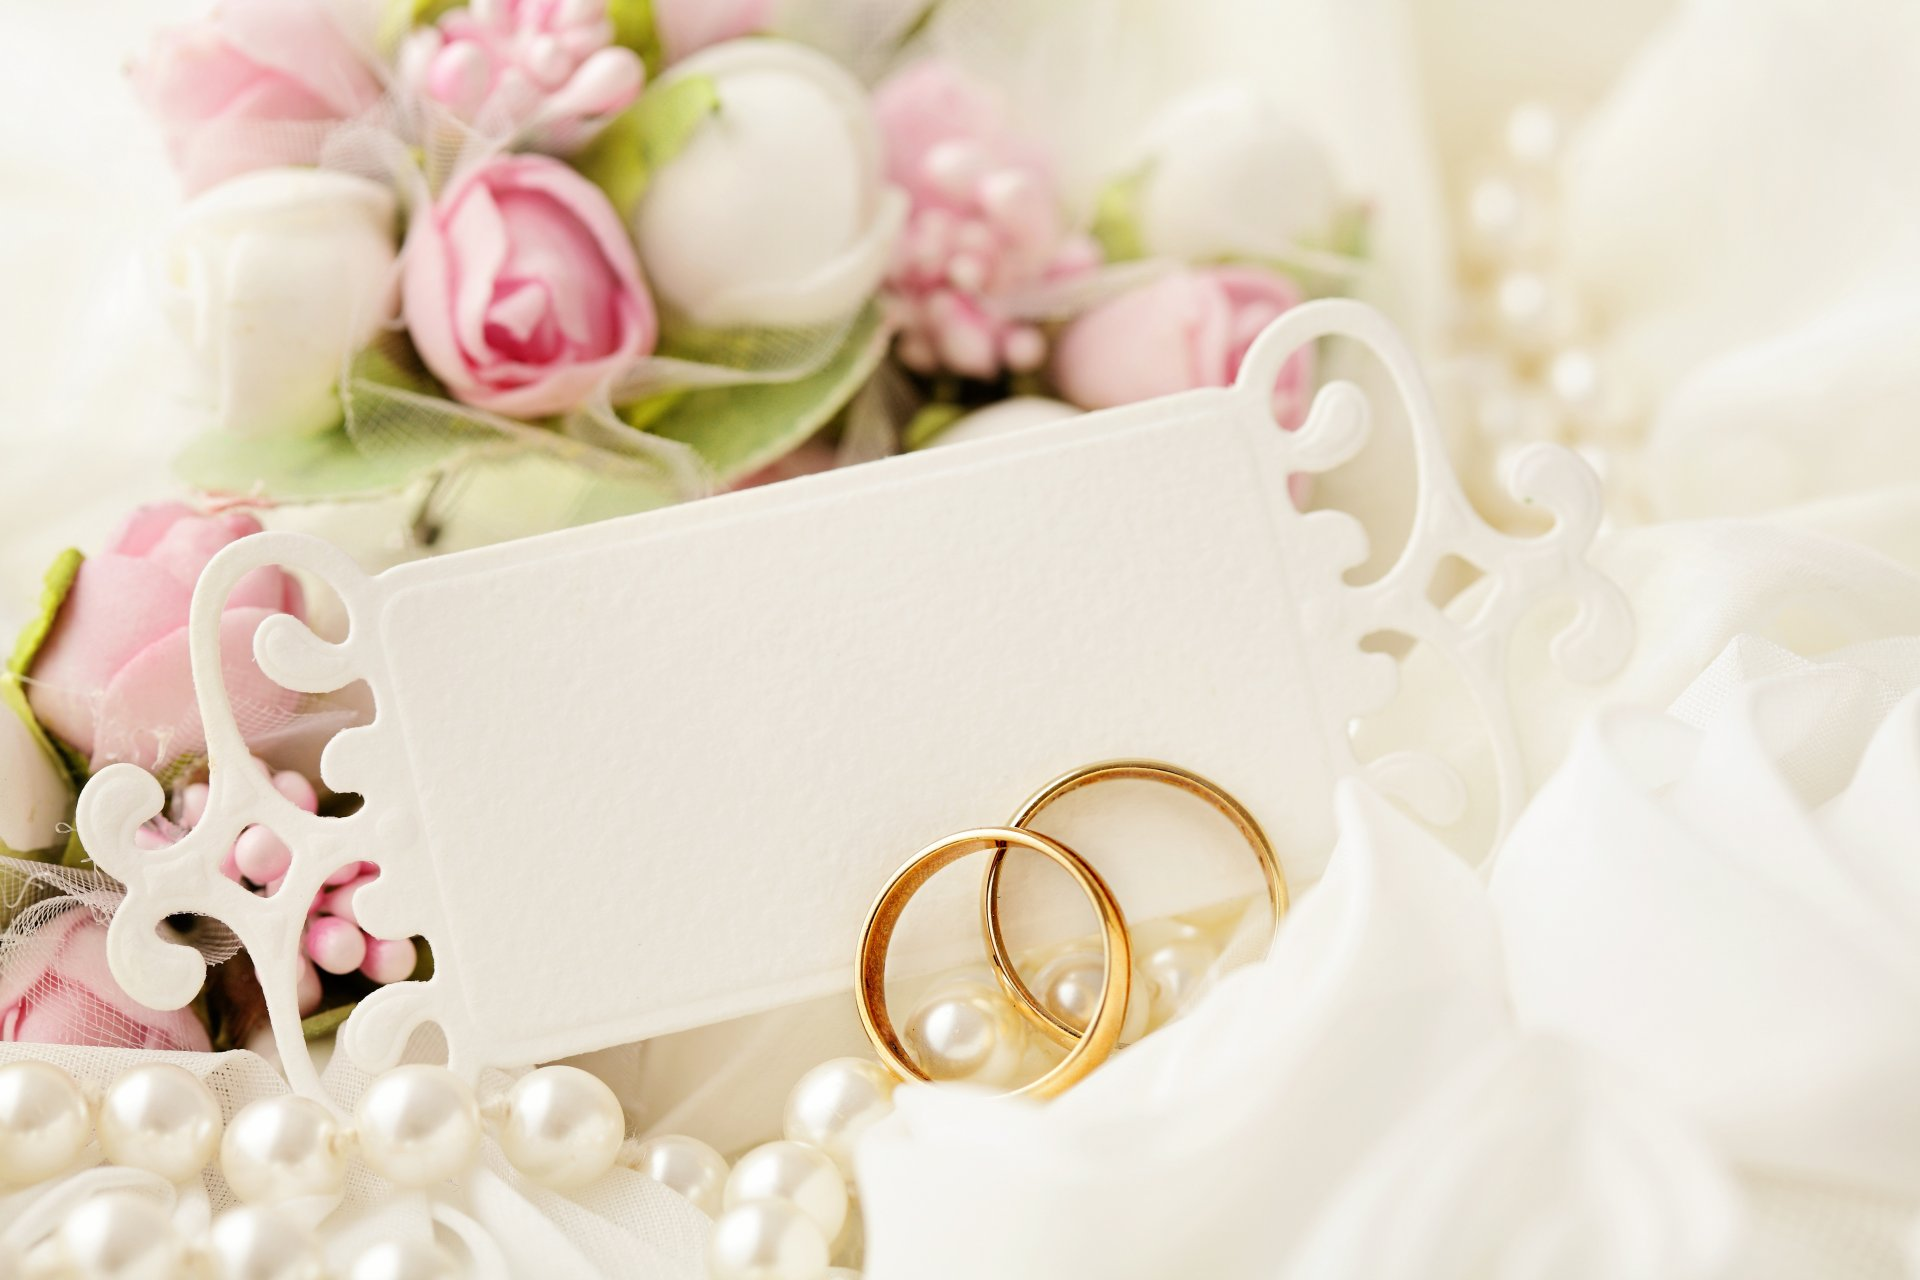 Приглашение свадьбу, фон открытка на свадьбу